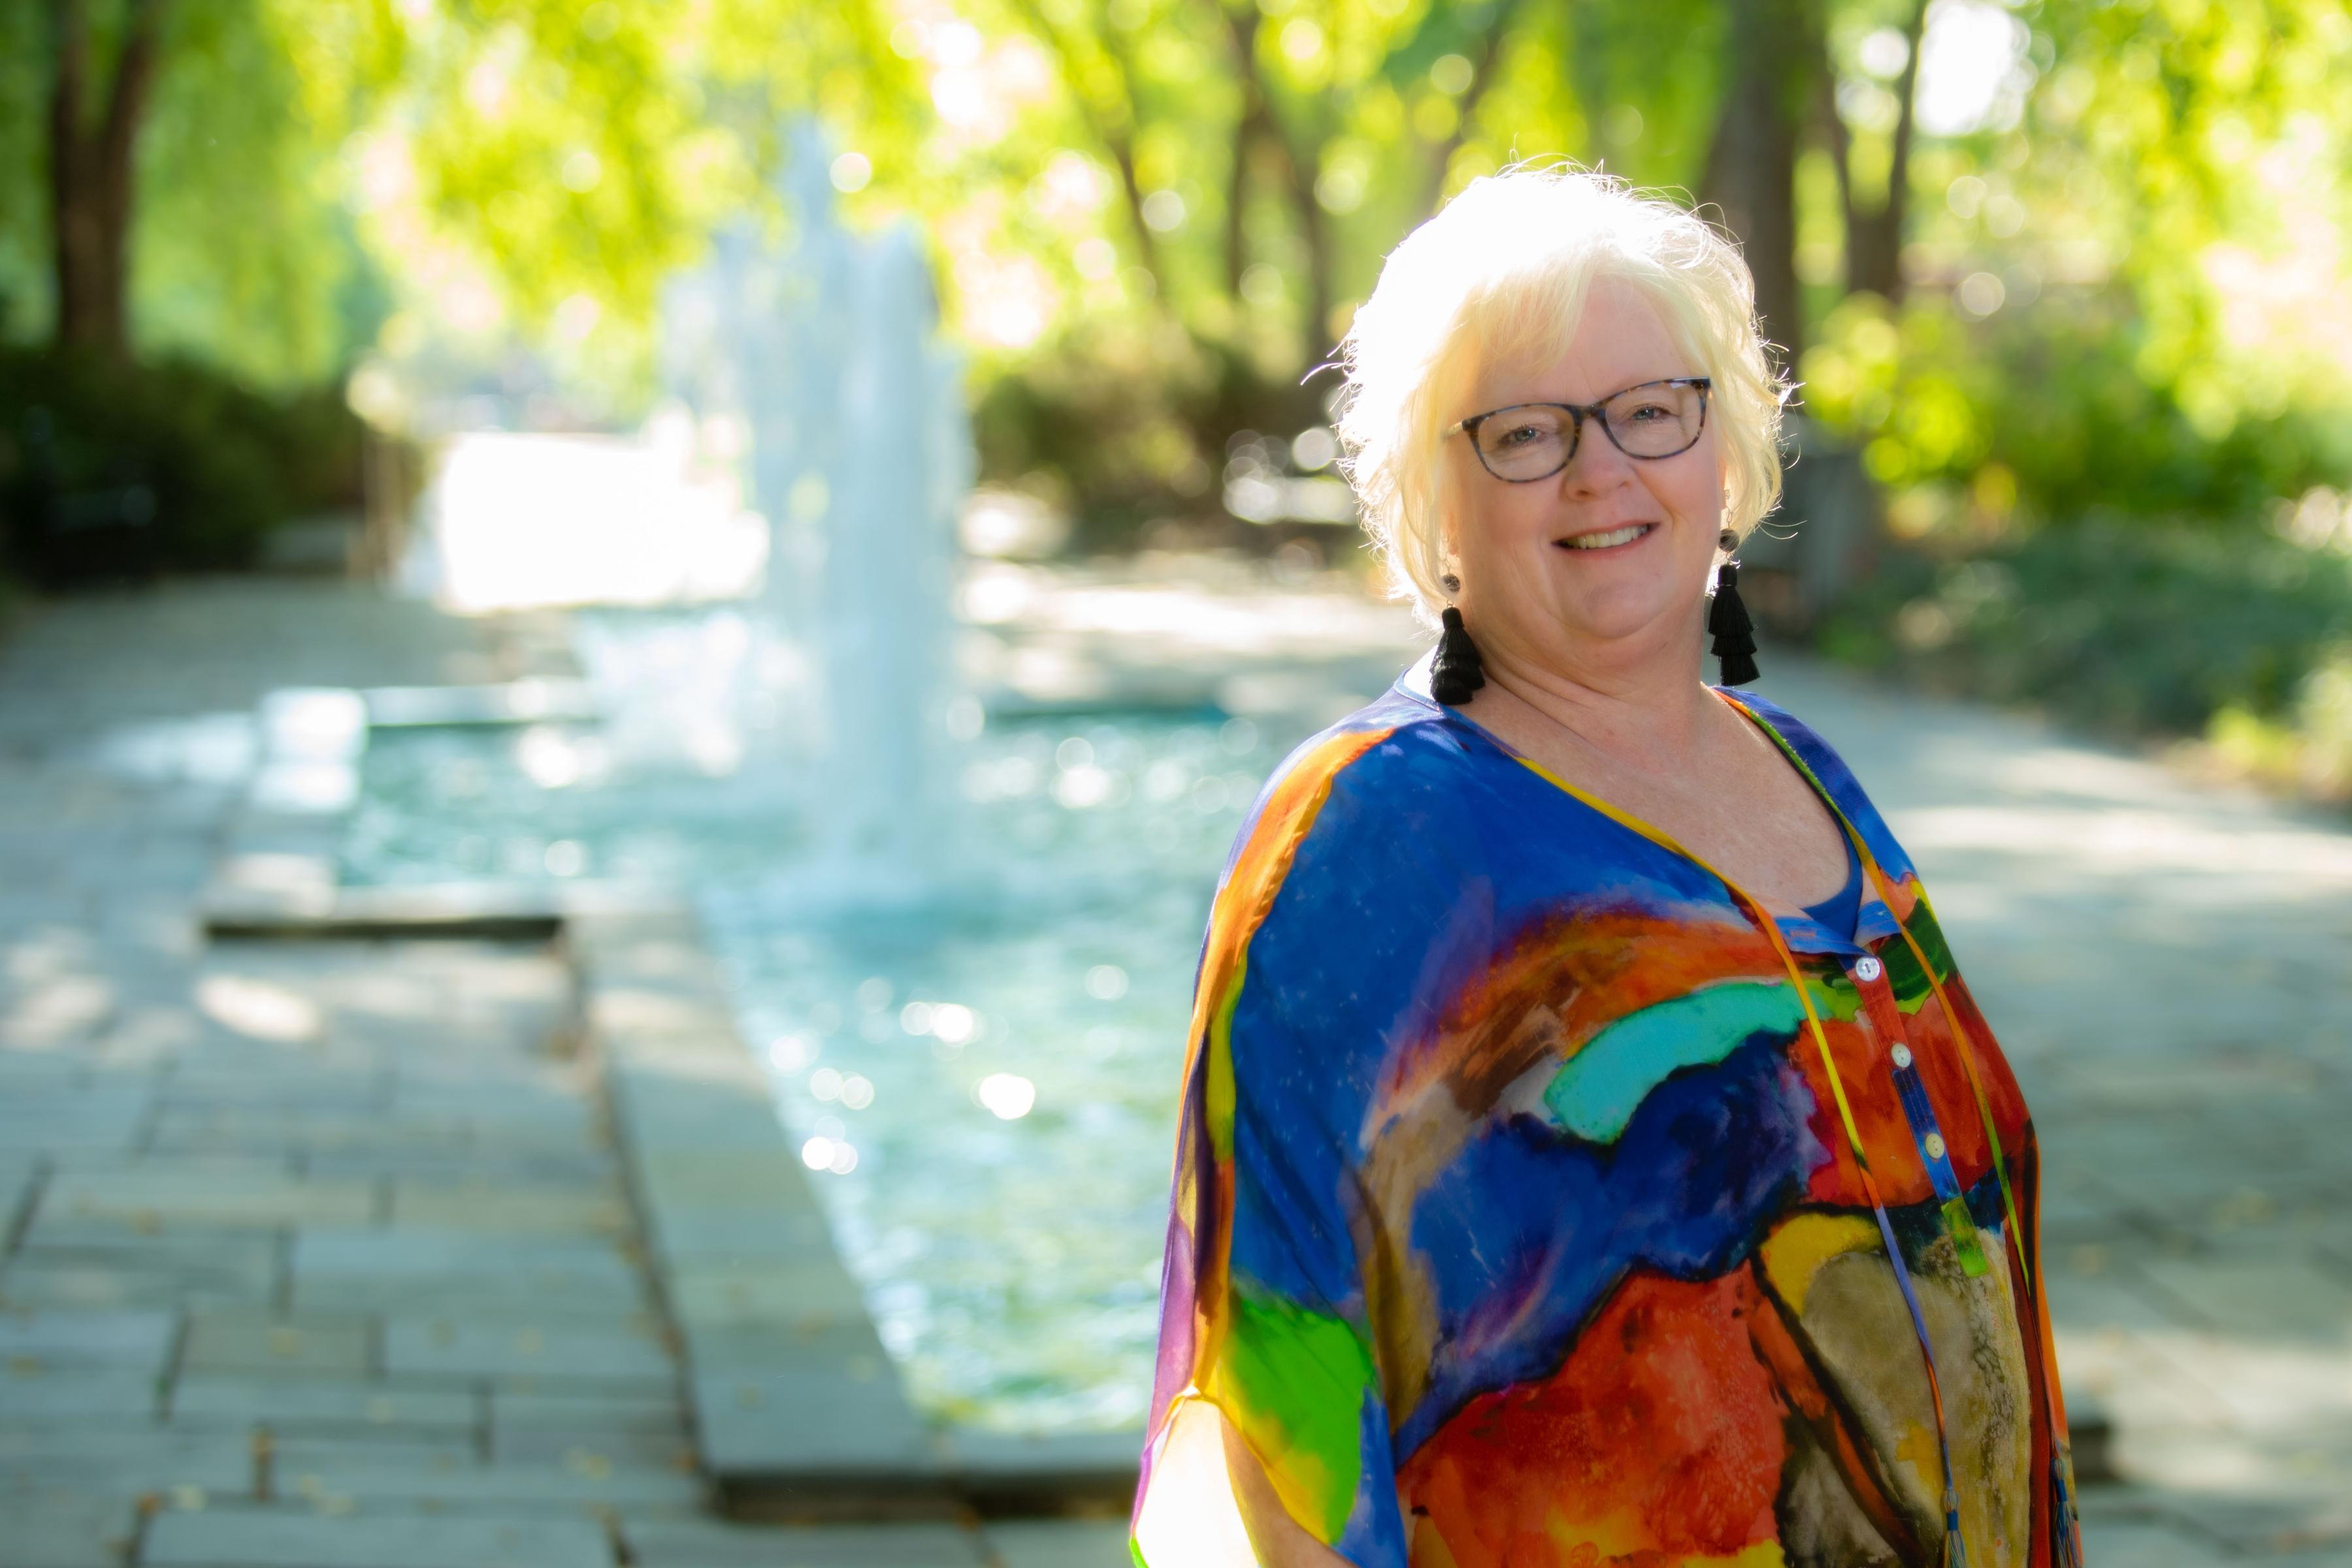 Tammy Lawson